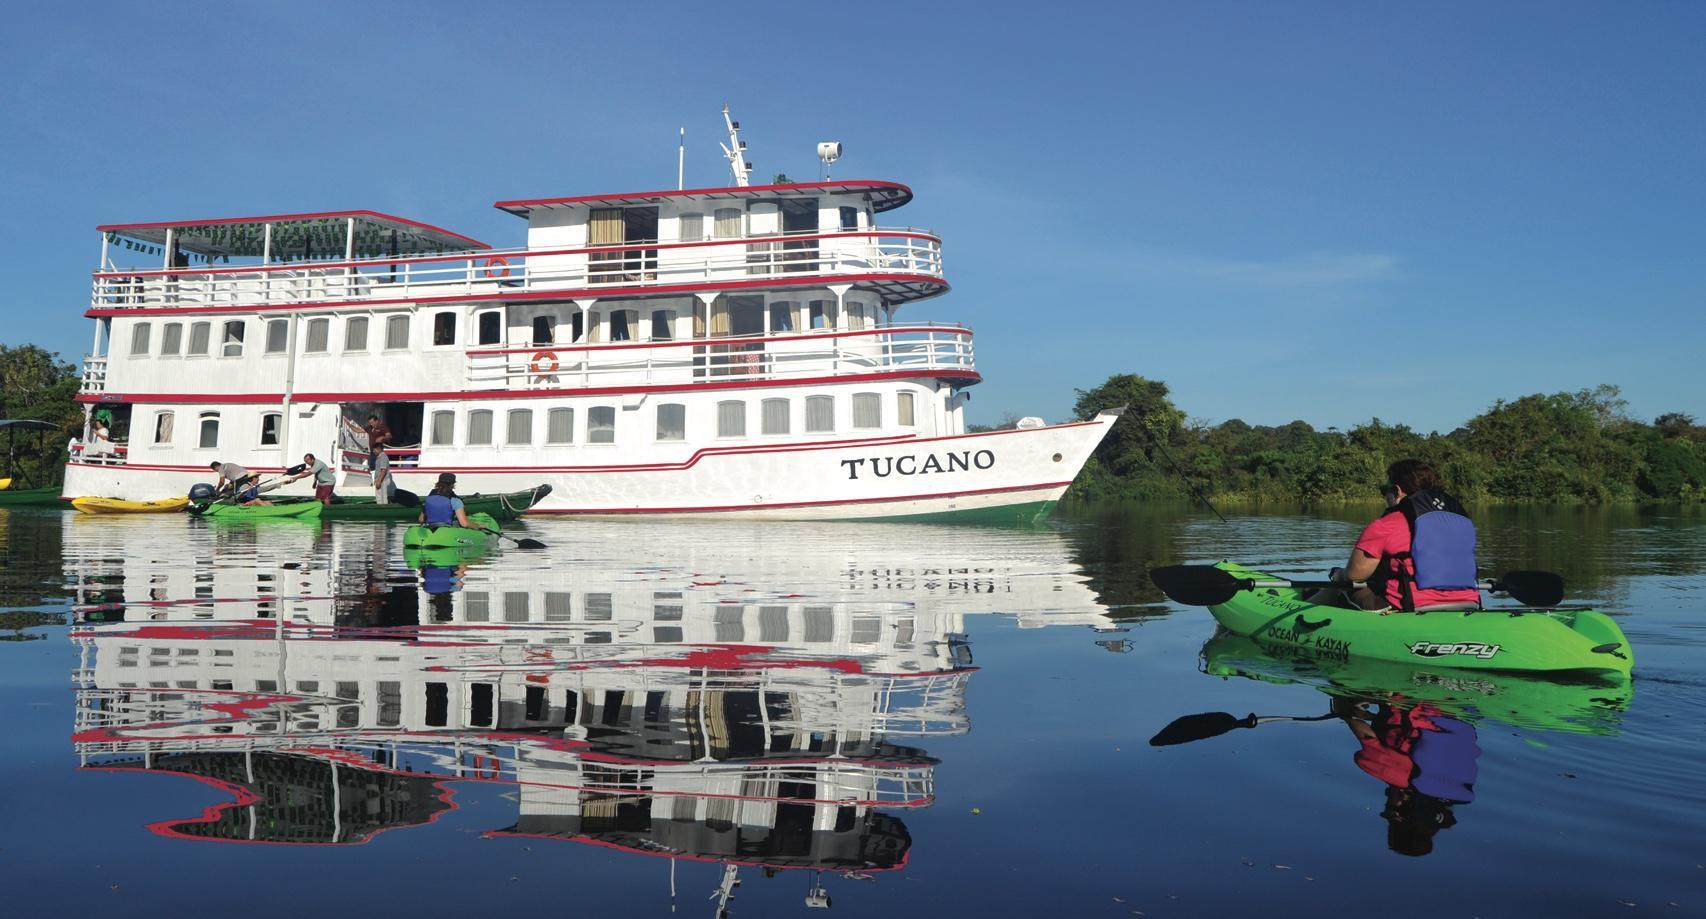 5 bis 7 Tage Schiffsexpedition mit der Motoryacht Tucano